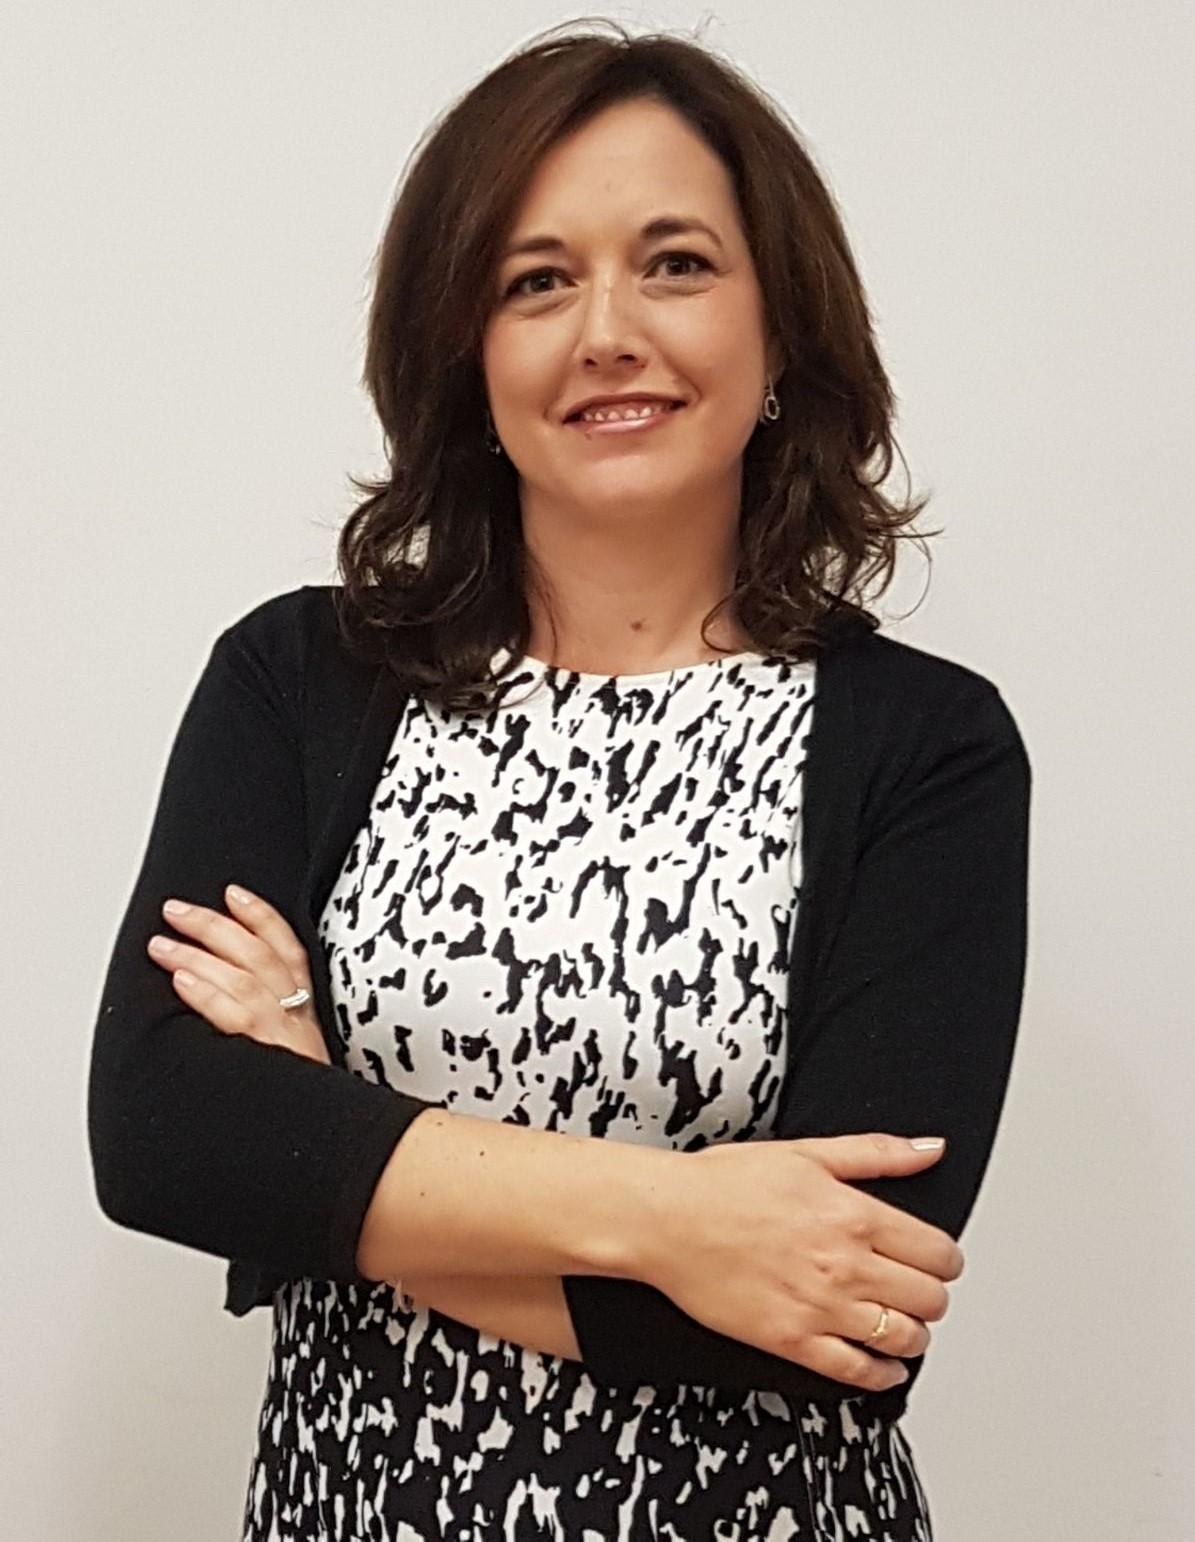 Mariló Martínez Correro